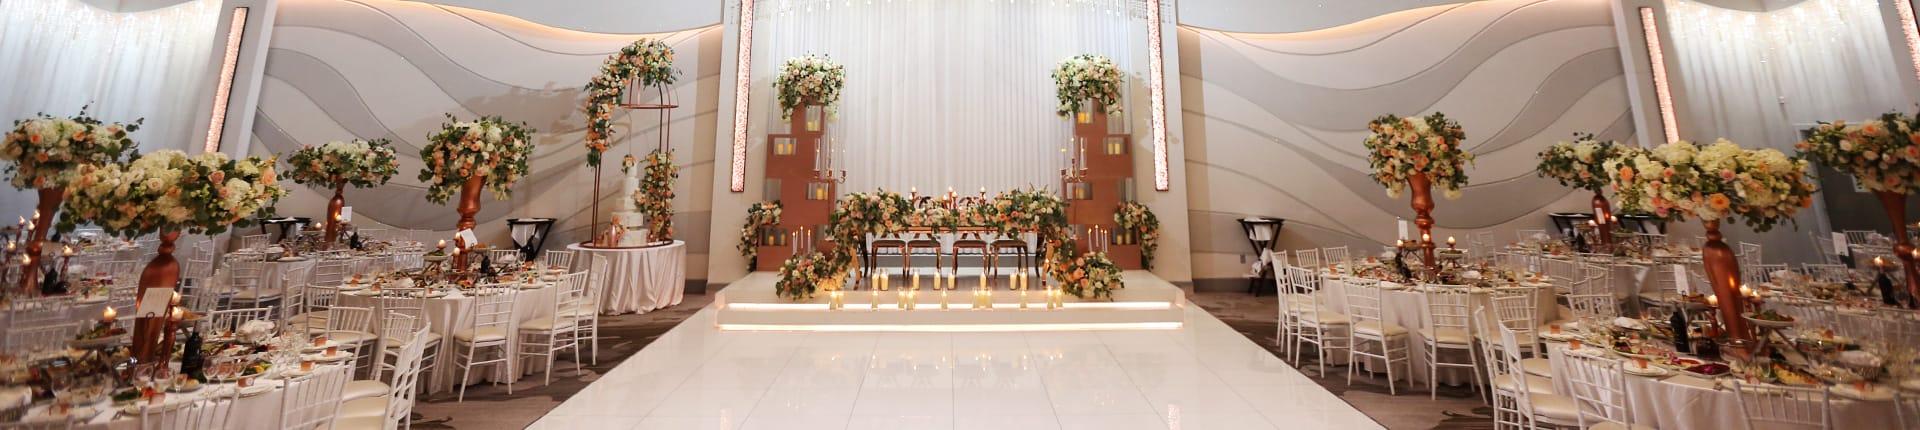 Renaissance Banquet Hall - Modern Ballroom